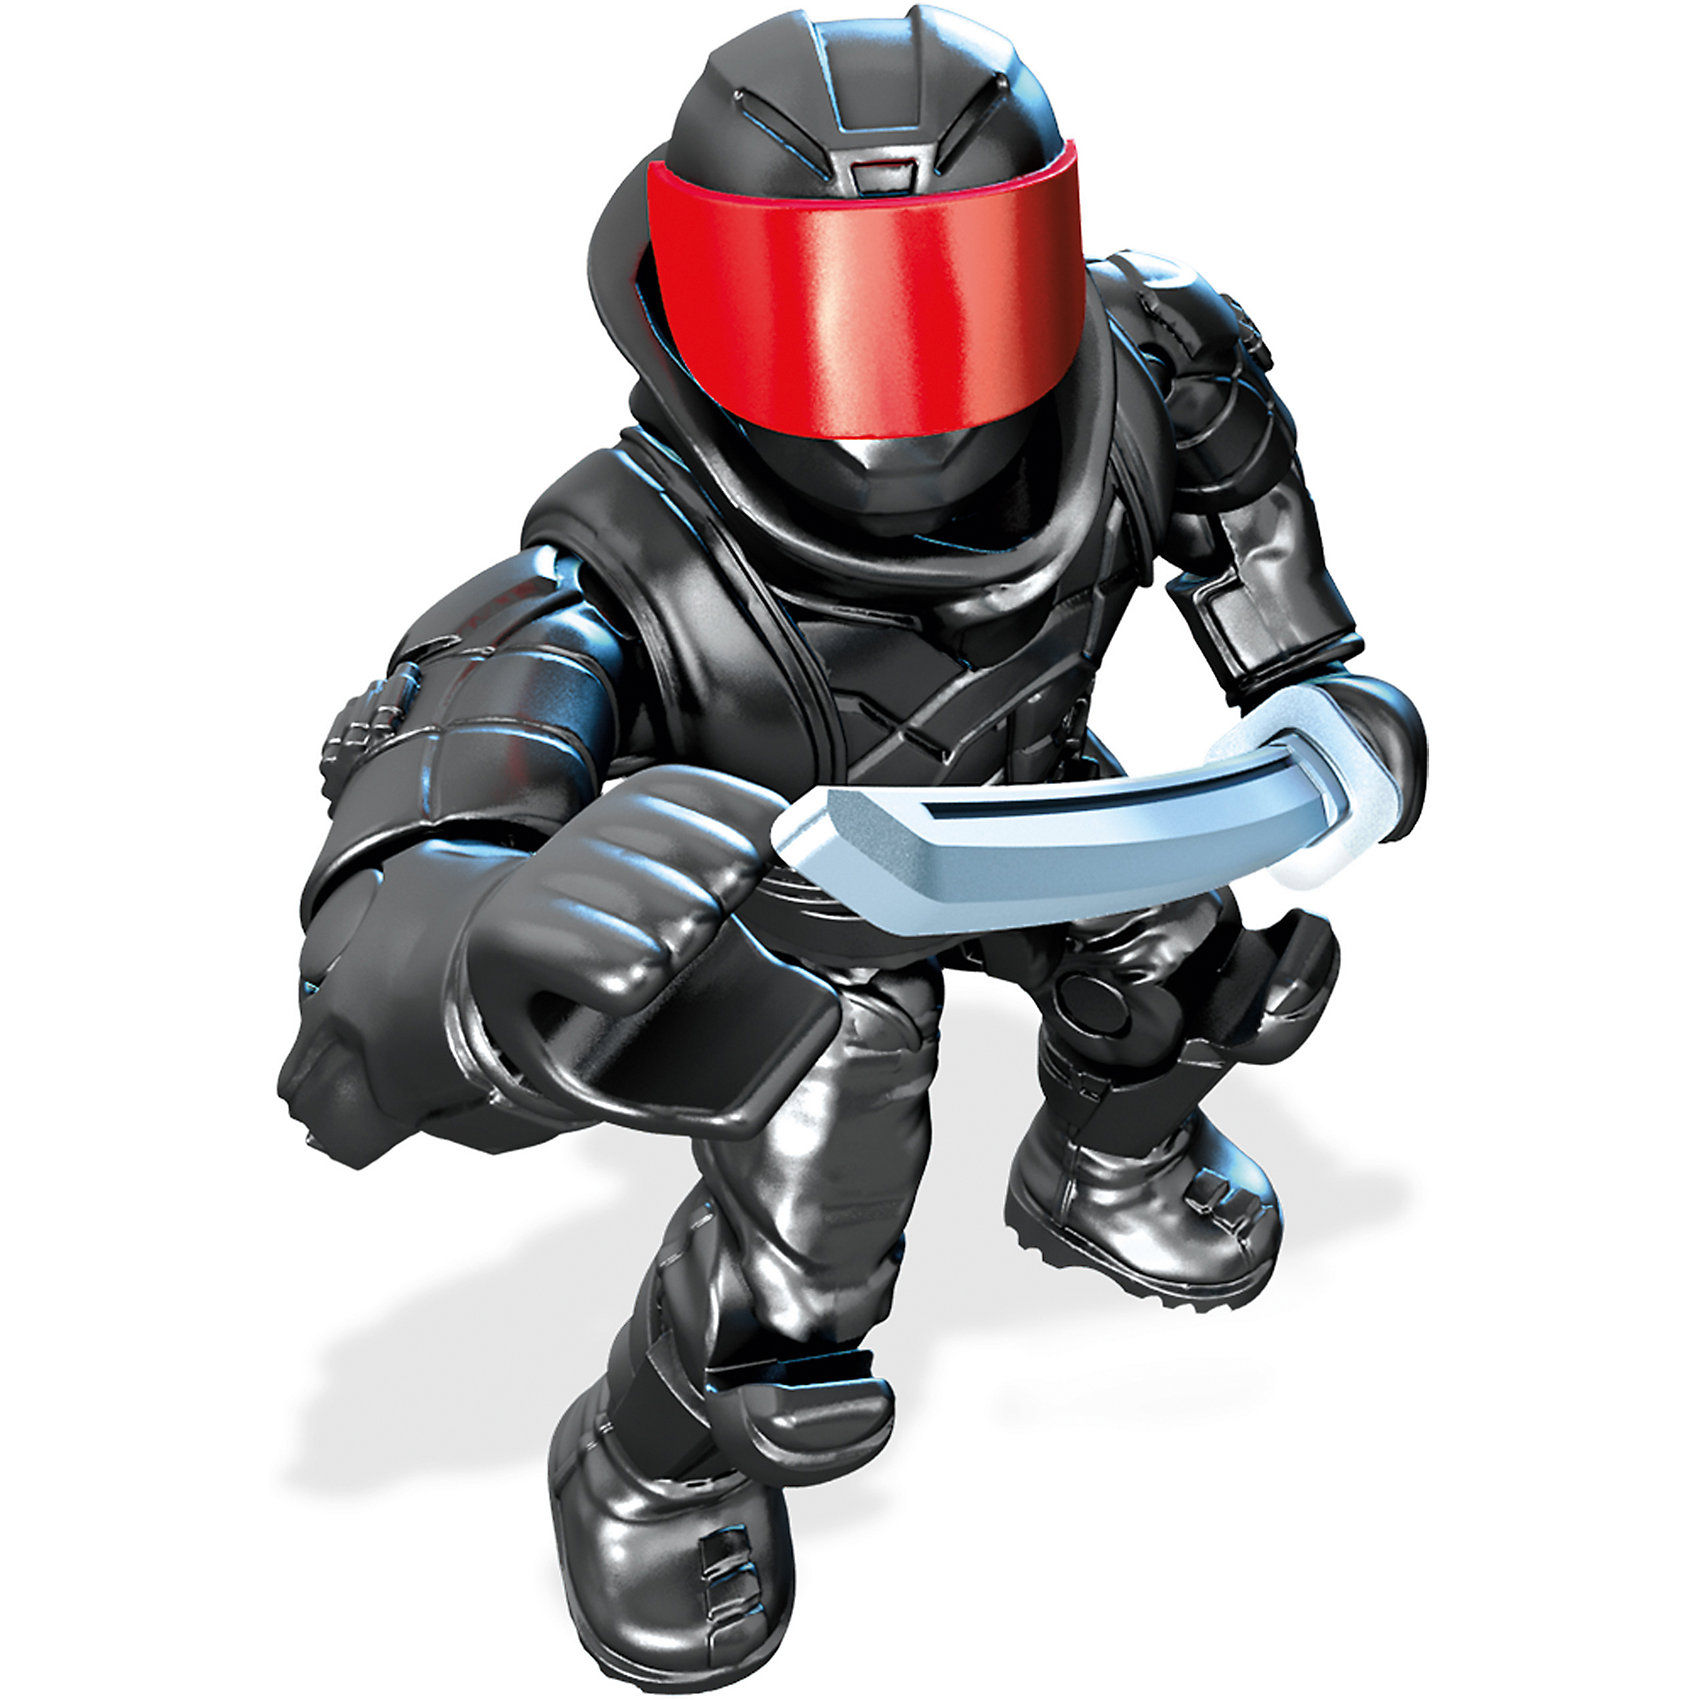 Фигурка персонажа фильма Черепашки Ниндзя II, Mega BloksФигурка солдат клана «Фут», Mega Bloks (Мега Блокс) ? один из героев персонажей фильма «Черепашки-ниндзя II». Коллекционная фигурка выполнена из безопасного пластика с яркими цветами, устойчивыми к повреждениям. Фигурка обладает 11 подвижными элементами и включает аксессуары, характерные для персонажа. Оружие фиксируется в руках.<br>Все элементы фигурки выполнены с точной детализацией героя фильма «Черепашки-ниндзя II». Солдат клана «Фут» ? один из недругов черепашек. Одет в черные одежды с красной банданой, владеет дубинками разных размеров.<br>Фигурка солдат клана «Фут», Mega Bloks (Мега Блокс) позволит вашему ребенку не только воспроизвести истории и сюжеты из фильма, но и придумать свою, новую историю борьбы с несправедливостью и преступностью.<br>Сюжетно-ролевые игры на основе конструктора позволят вашему ребенку развивать логическое мышление, воображение, а также тренировать память. <br><br>Дополнительная информация:<br><br>- Вид игр: сюжетно-ролевые <br>- Предназначение: для дома<br>- Материал: пластик<br>- Размер (Д*Ш*В): 2,5*9*12,5 см<br>- Вес: 14 г <br>- Особенности ухода: фигурки можно мыть в теплой мыльной воде<br><br>Подробнее:<br><br>• Для детей в возрасте: от 6 лет и до 12 лет<br>• Страна производитель: Китай<br>• Торговый бренд: Mega Bloks<br><br>Фигурку солдата клана «Фут», Mega Bloks (Мега Блокс), можно купить в нашем интернет-магазине.<br><br>Ширина мм: 25<br>Глубина мм: 90<br>Высота мм: 125<br>Вес г: 14<br>Возраст от месяцев: 72<br>Возраст до месяцев: 144<br>Пол: Мужской<br>Возраст: Детский<br>SKU: 4867673